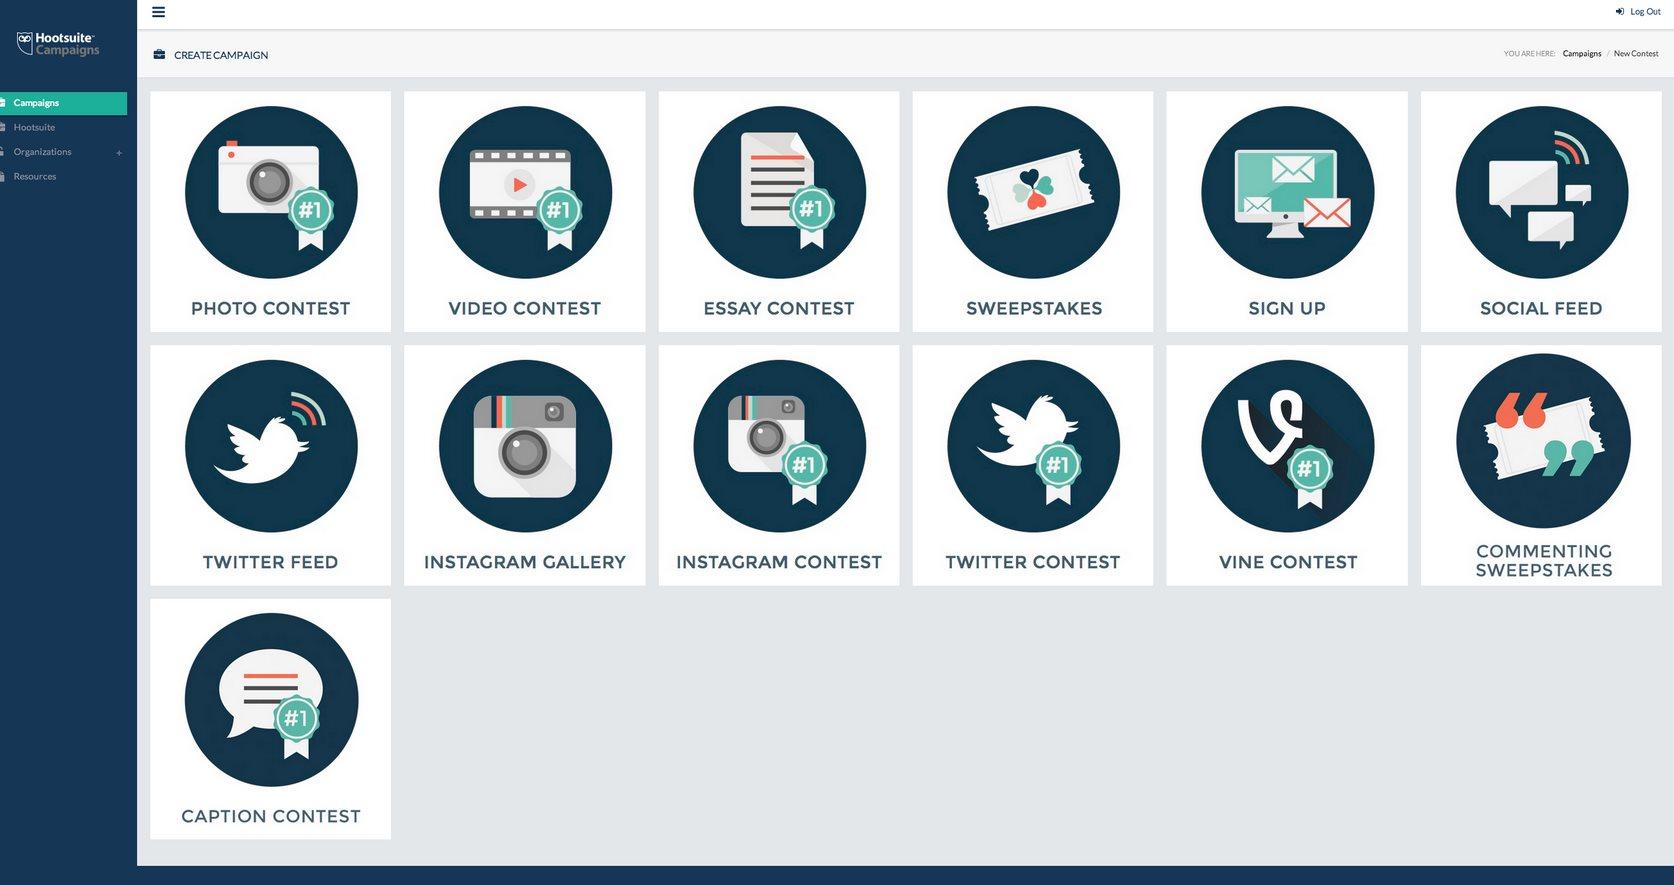 Hootsuite lanza plataforma para crear campañas en las redes sociales